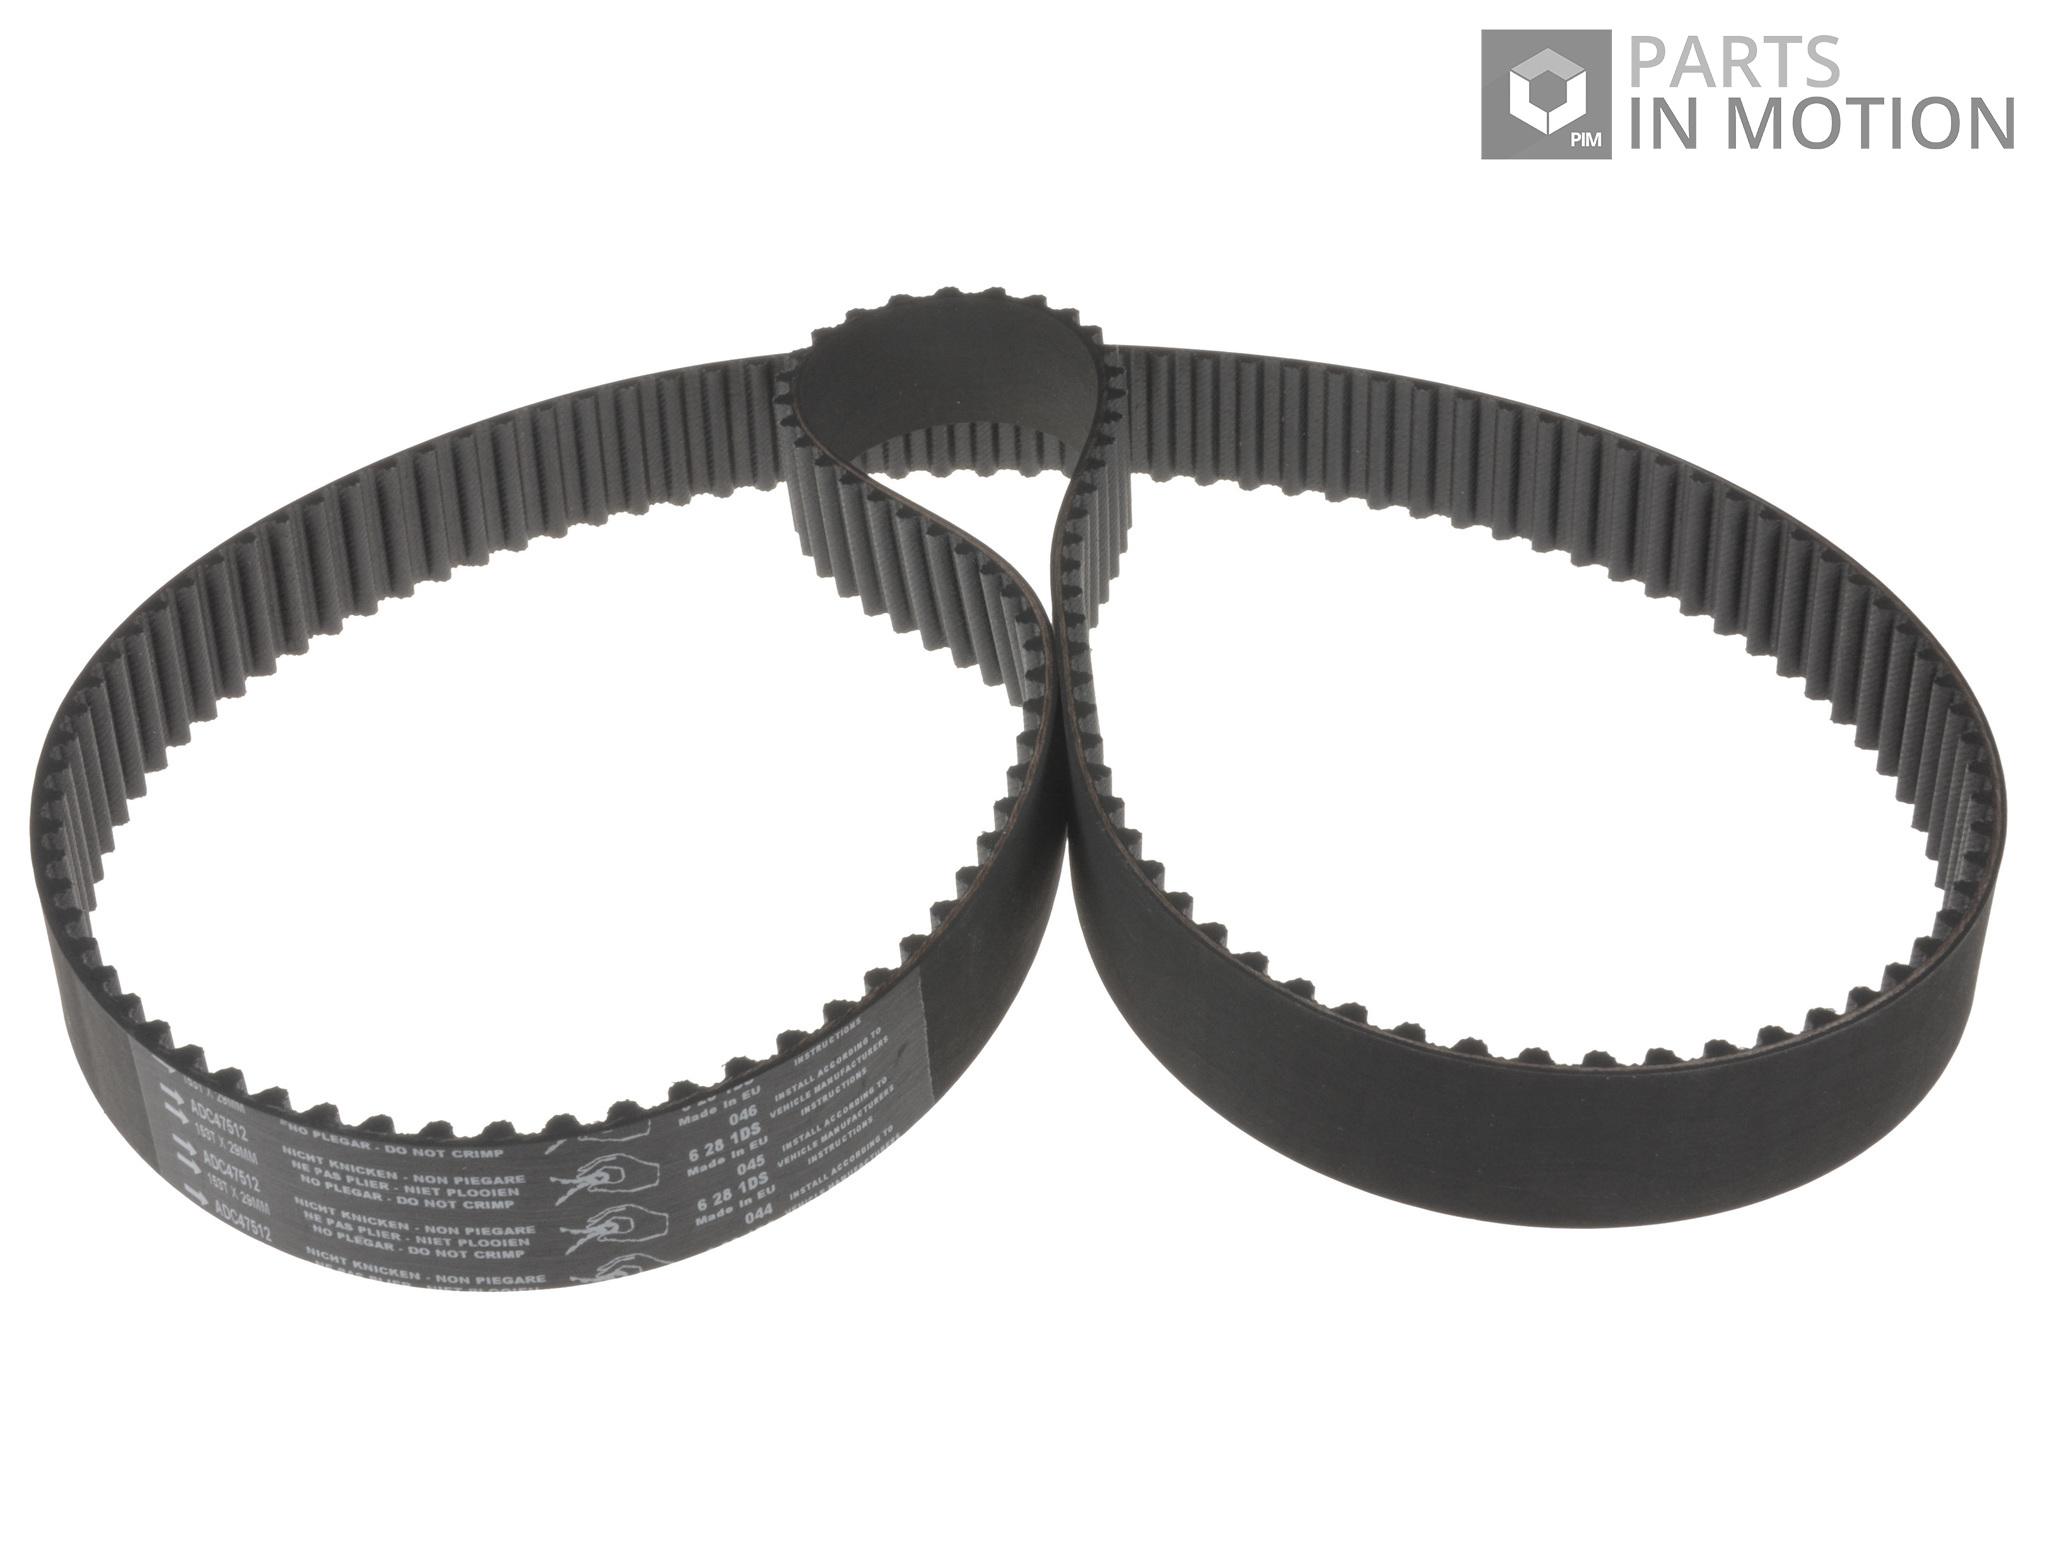 Mitsubishi Timing Belt : Timing belt fits mitsubishi lancer to adc